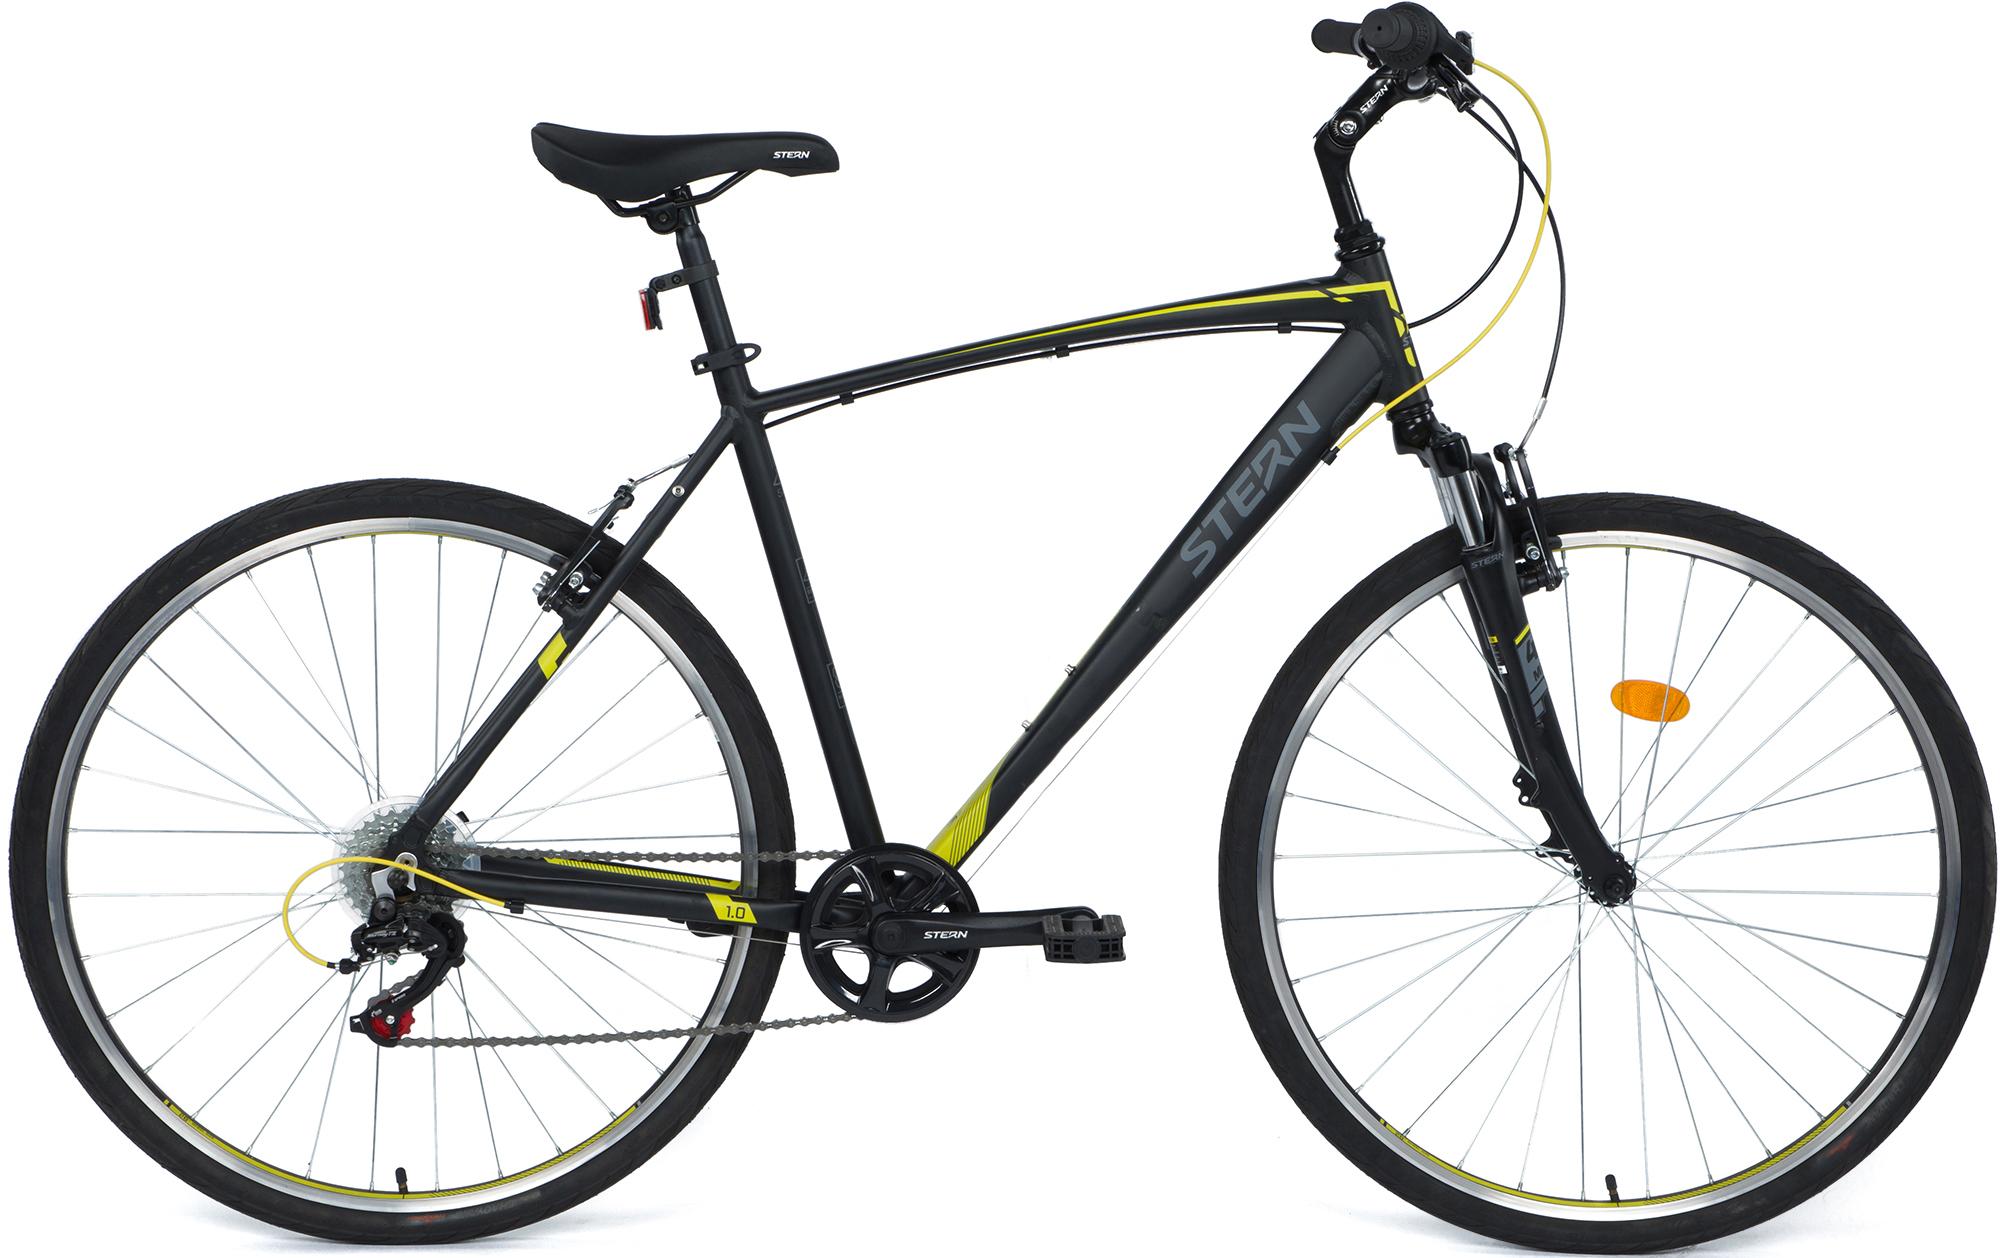 Stern Велосипед городской Stern Urban 1.0 28 велосипед ghost square urban 2 2016